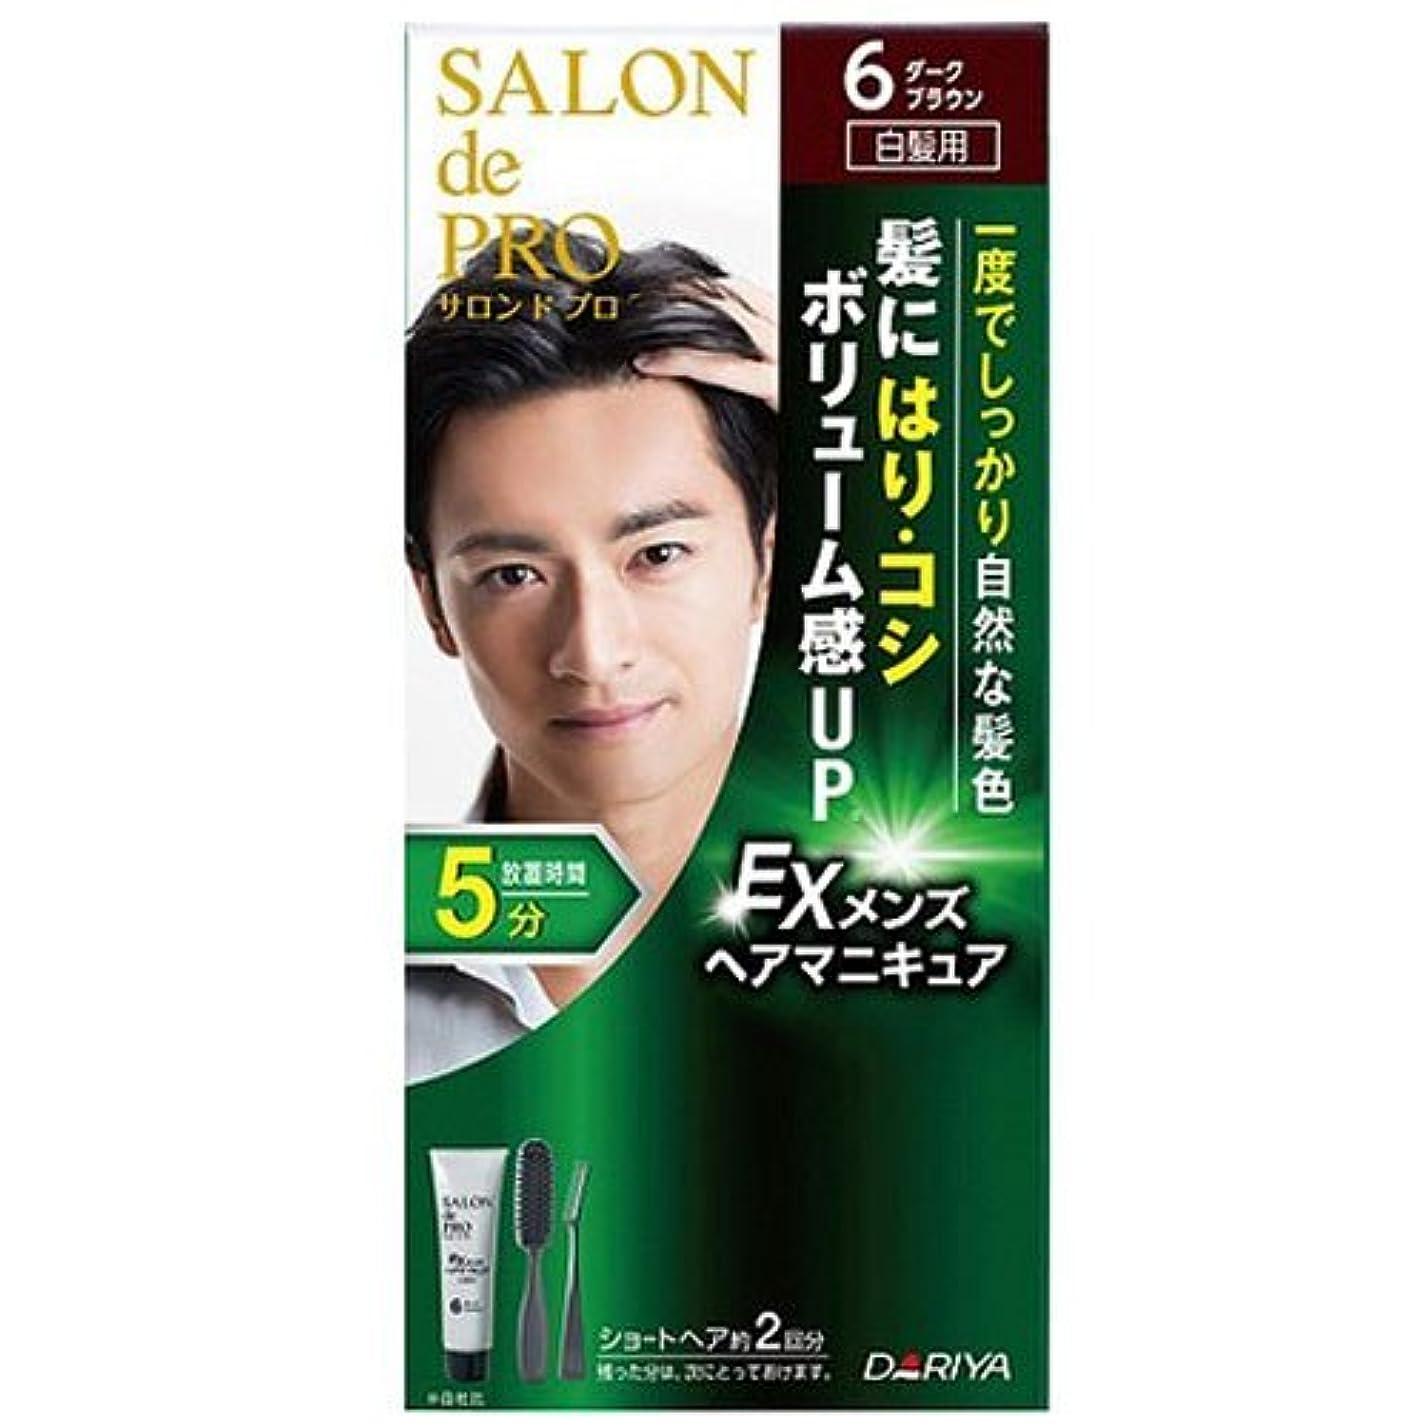 上認証何故なのサロンドプロ EXメンズヘアマニキュア 白髪用 6 ダークブラウン